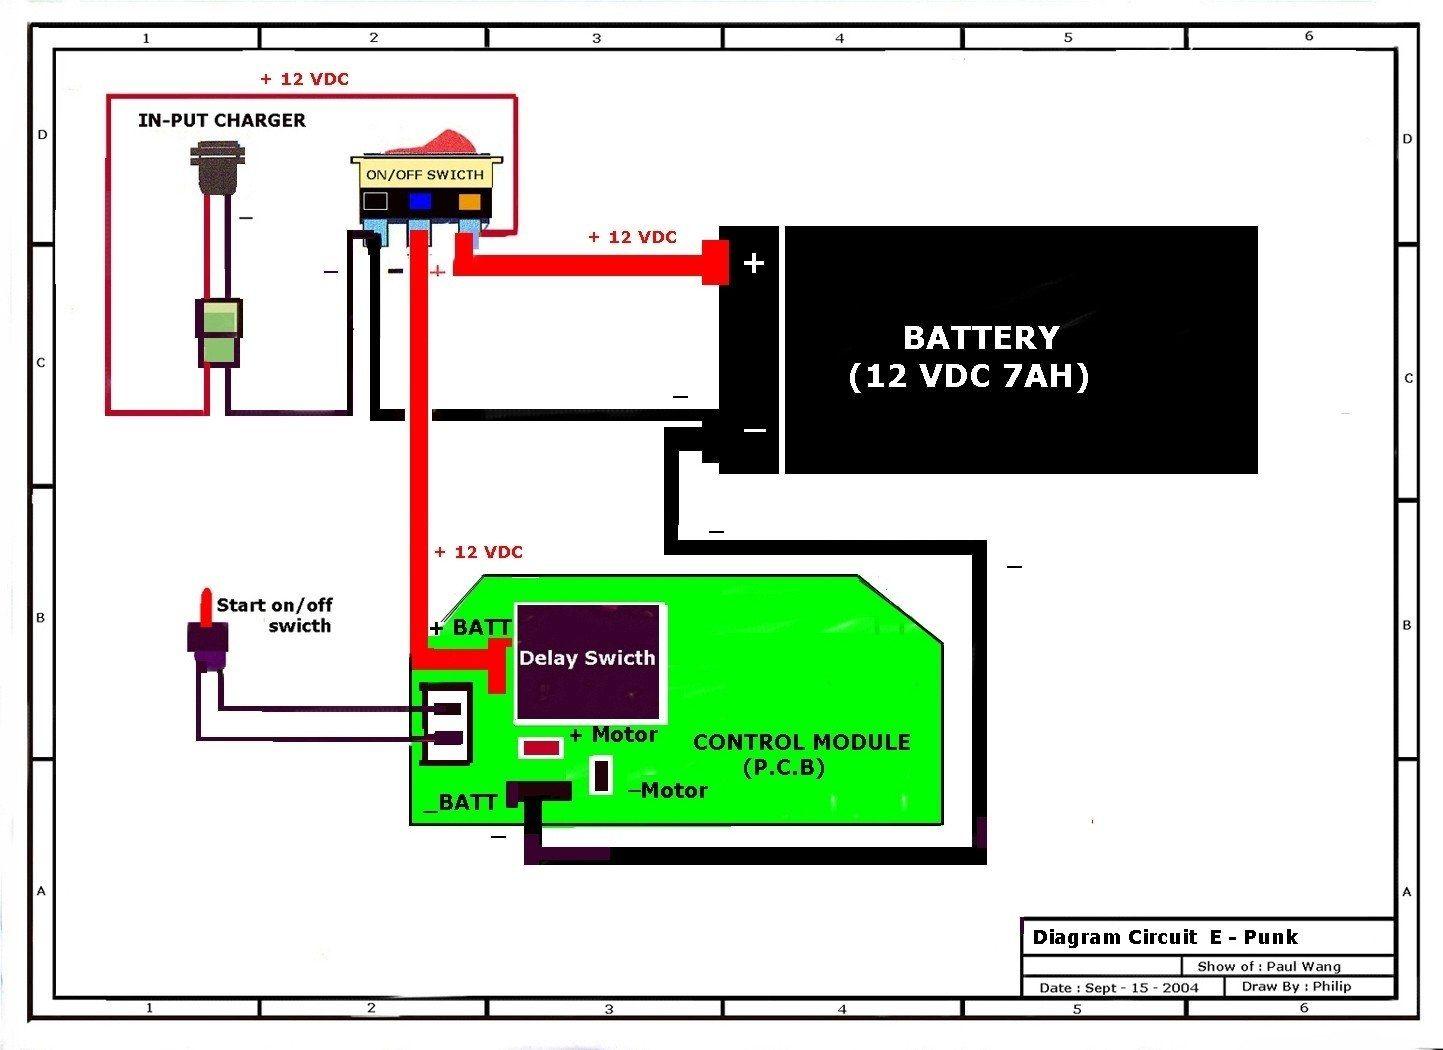 medium resolution of motorized bicycle wiring diagram wiring diagram image for motorized bicycle wiring diagram